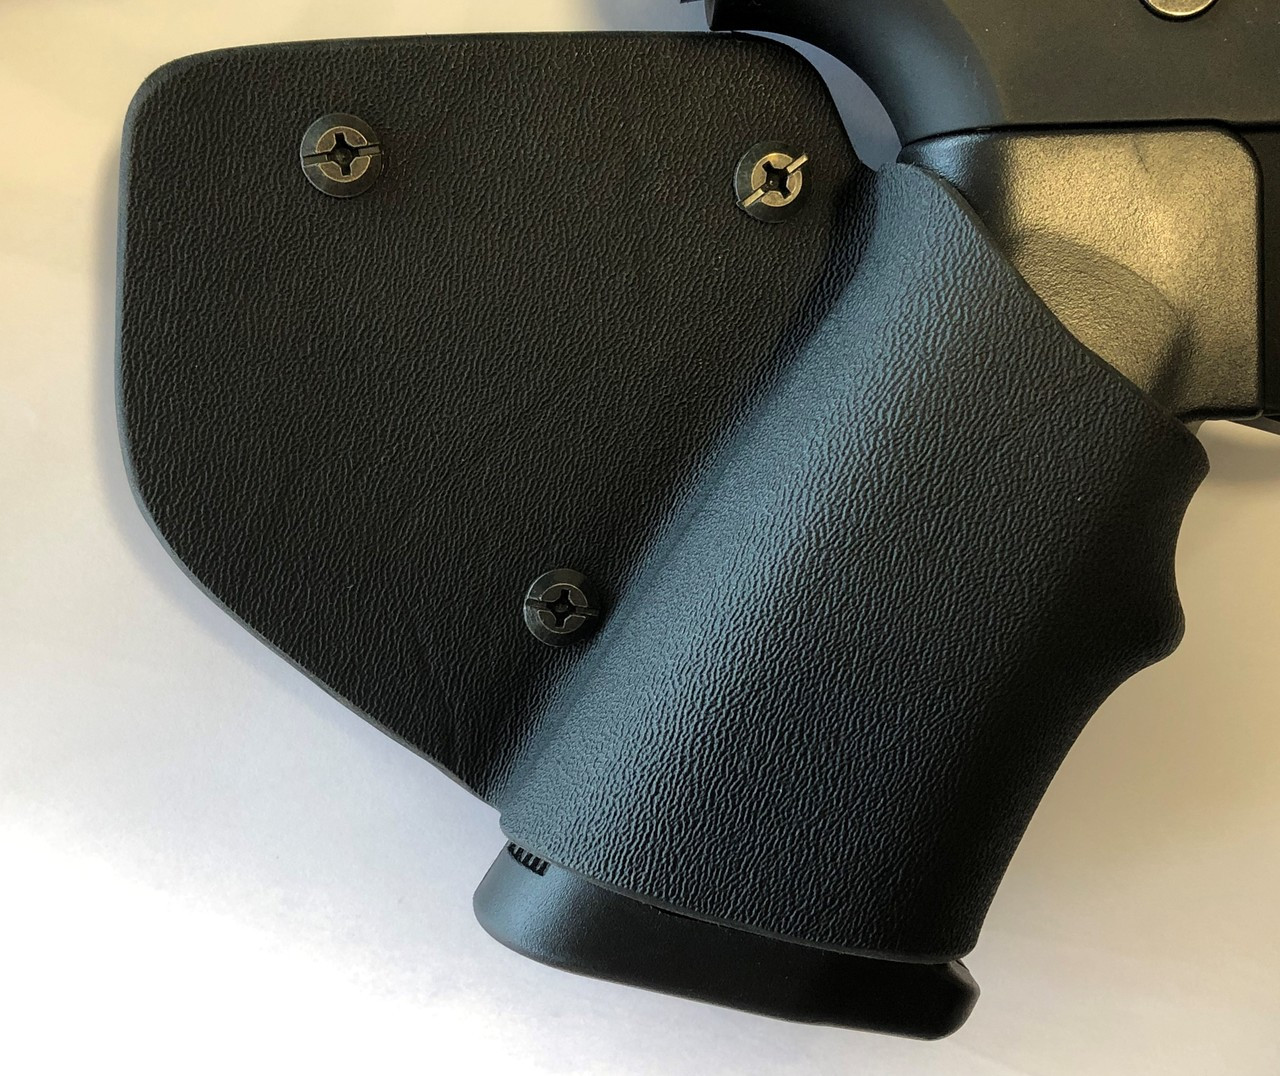 Steyr Arms AUG A3 M1(Short Rail) CALIFORNIA LEGAL 5.56- GREEN